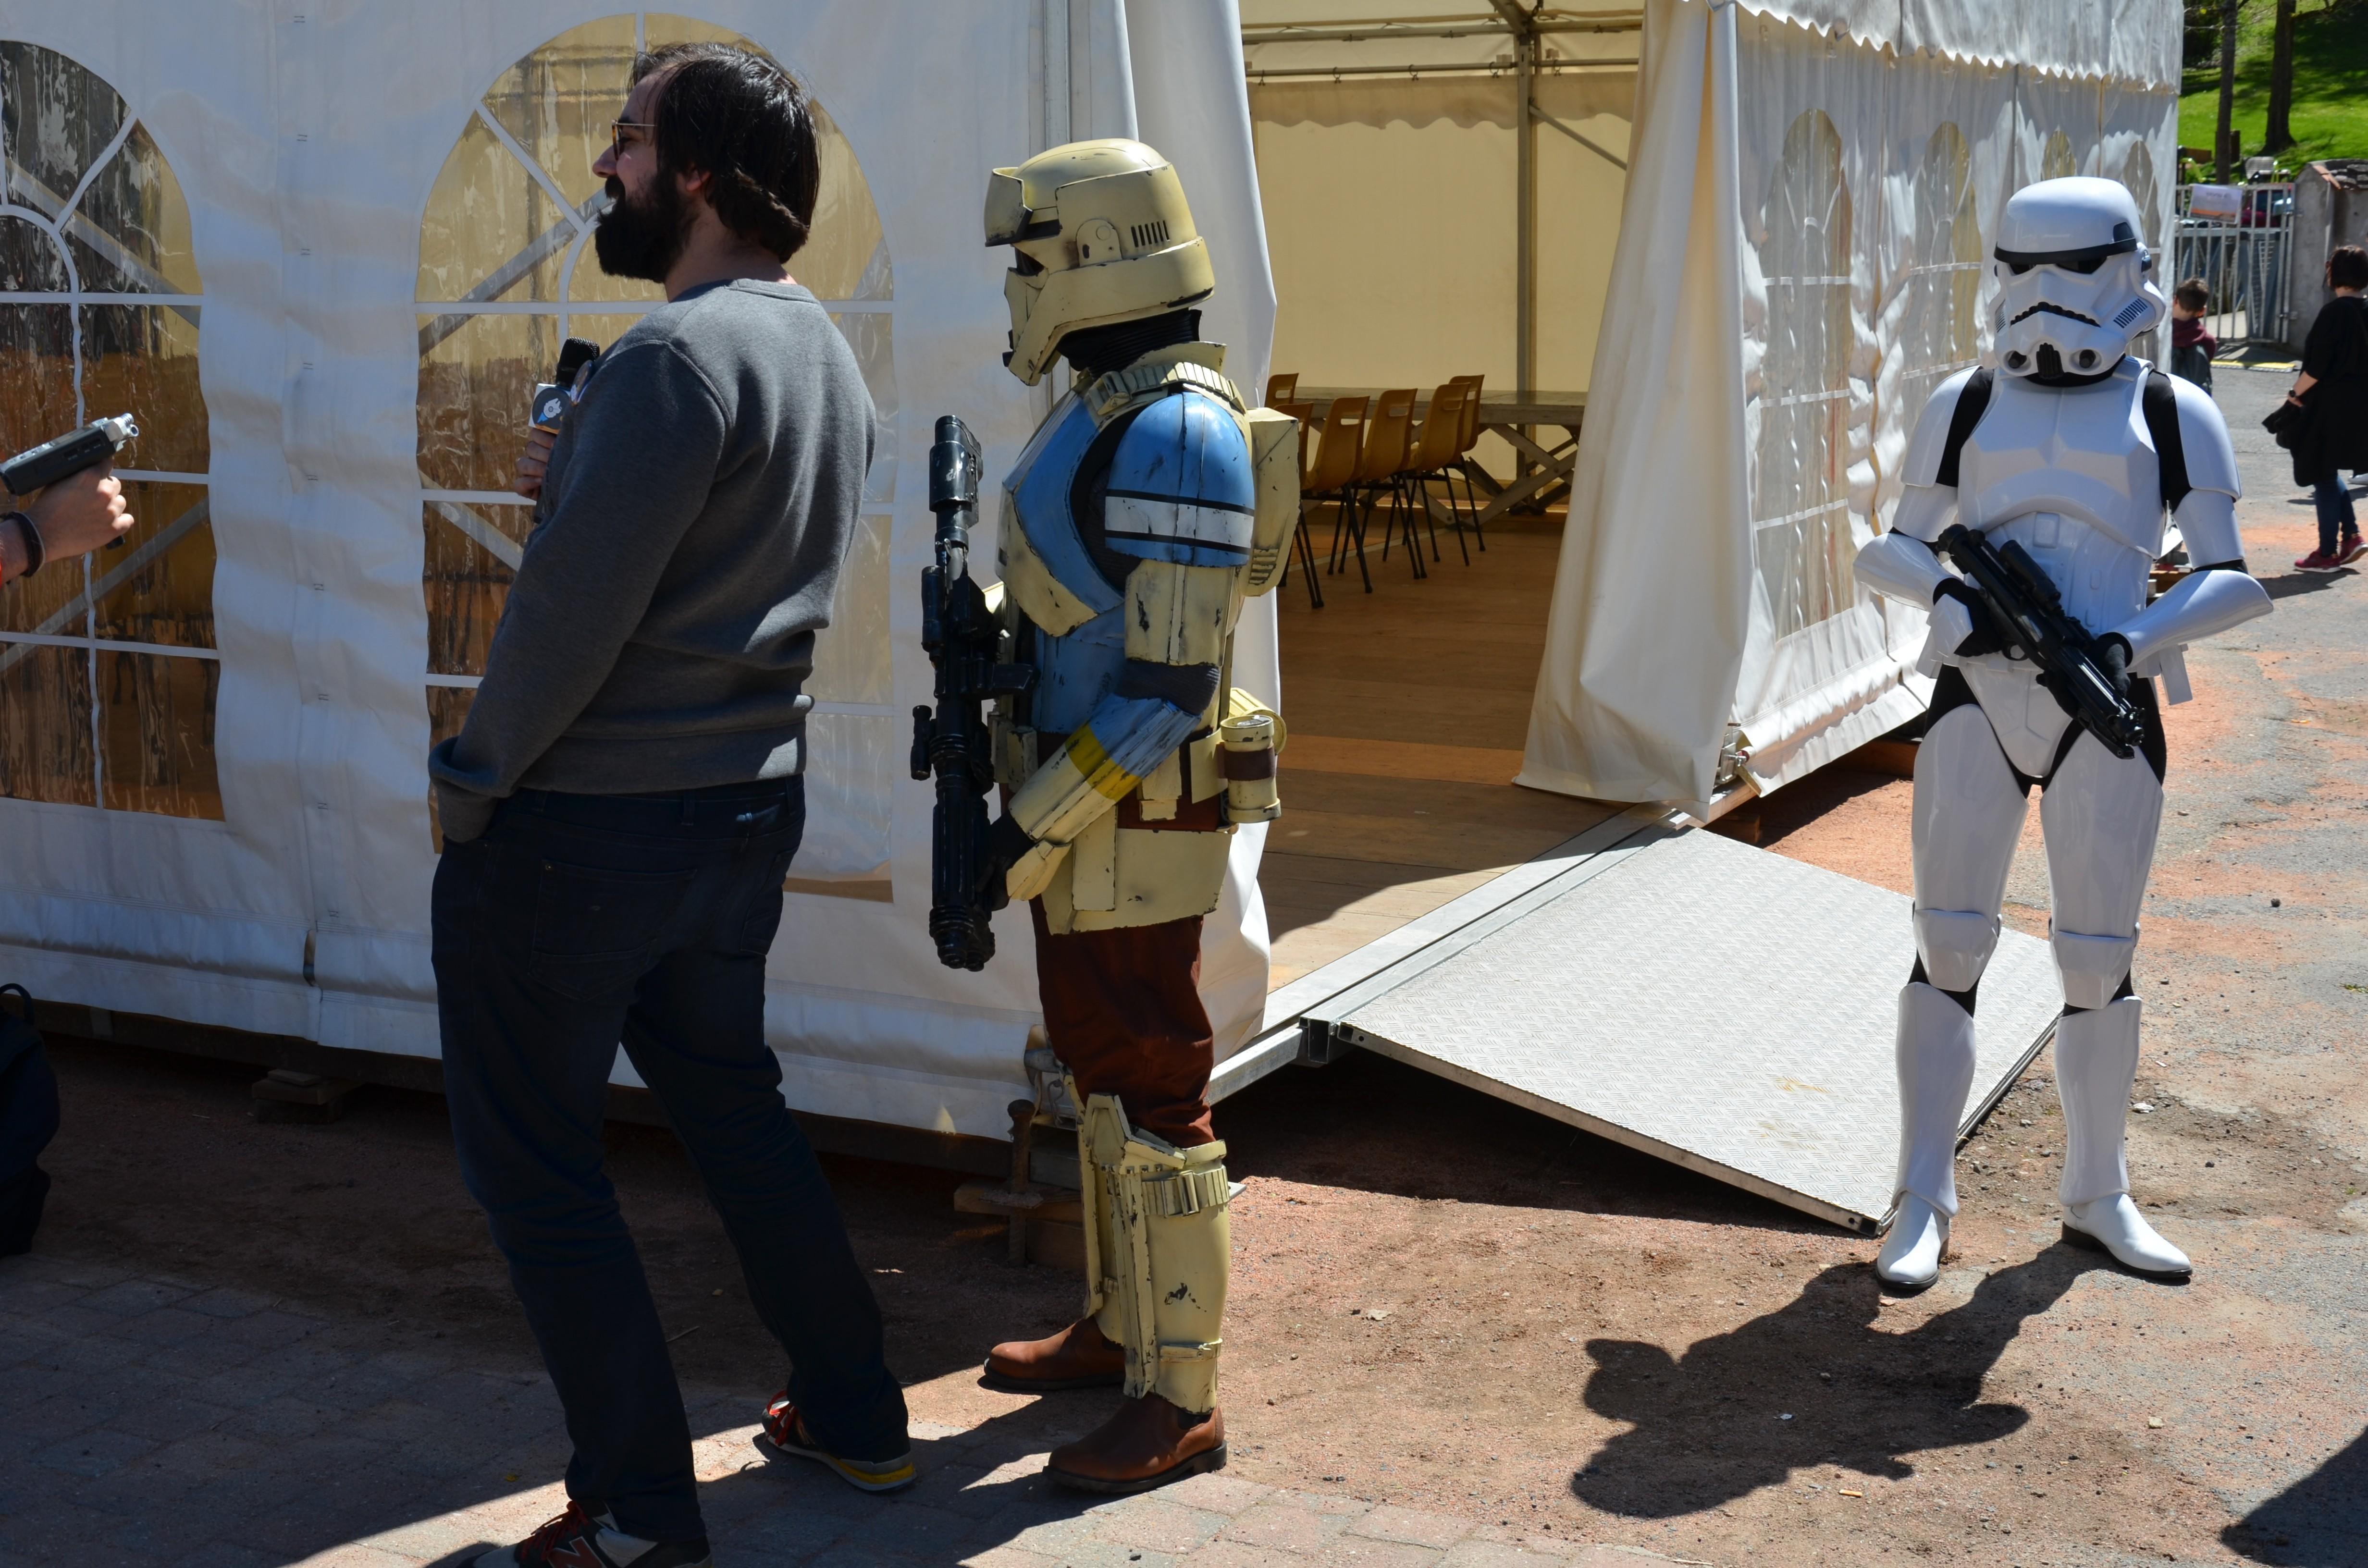 Générations Star Wars - Cusset - 29 et 30 avril 2017 QAqS1r